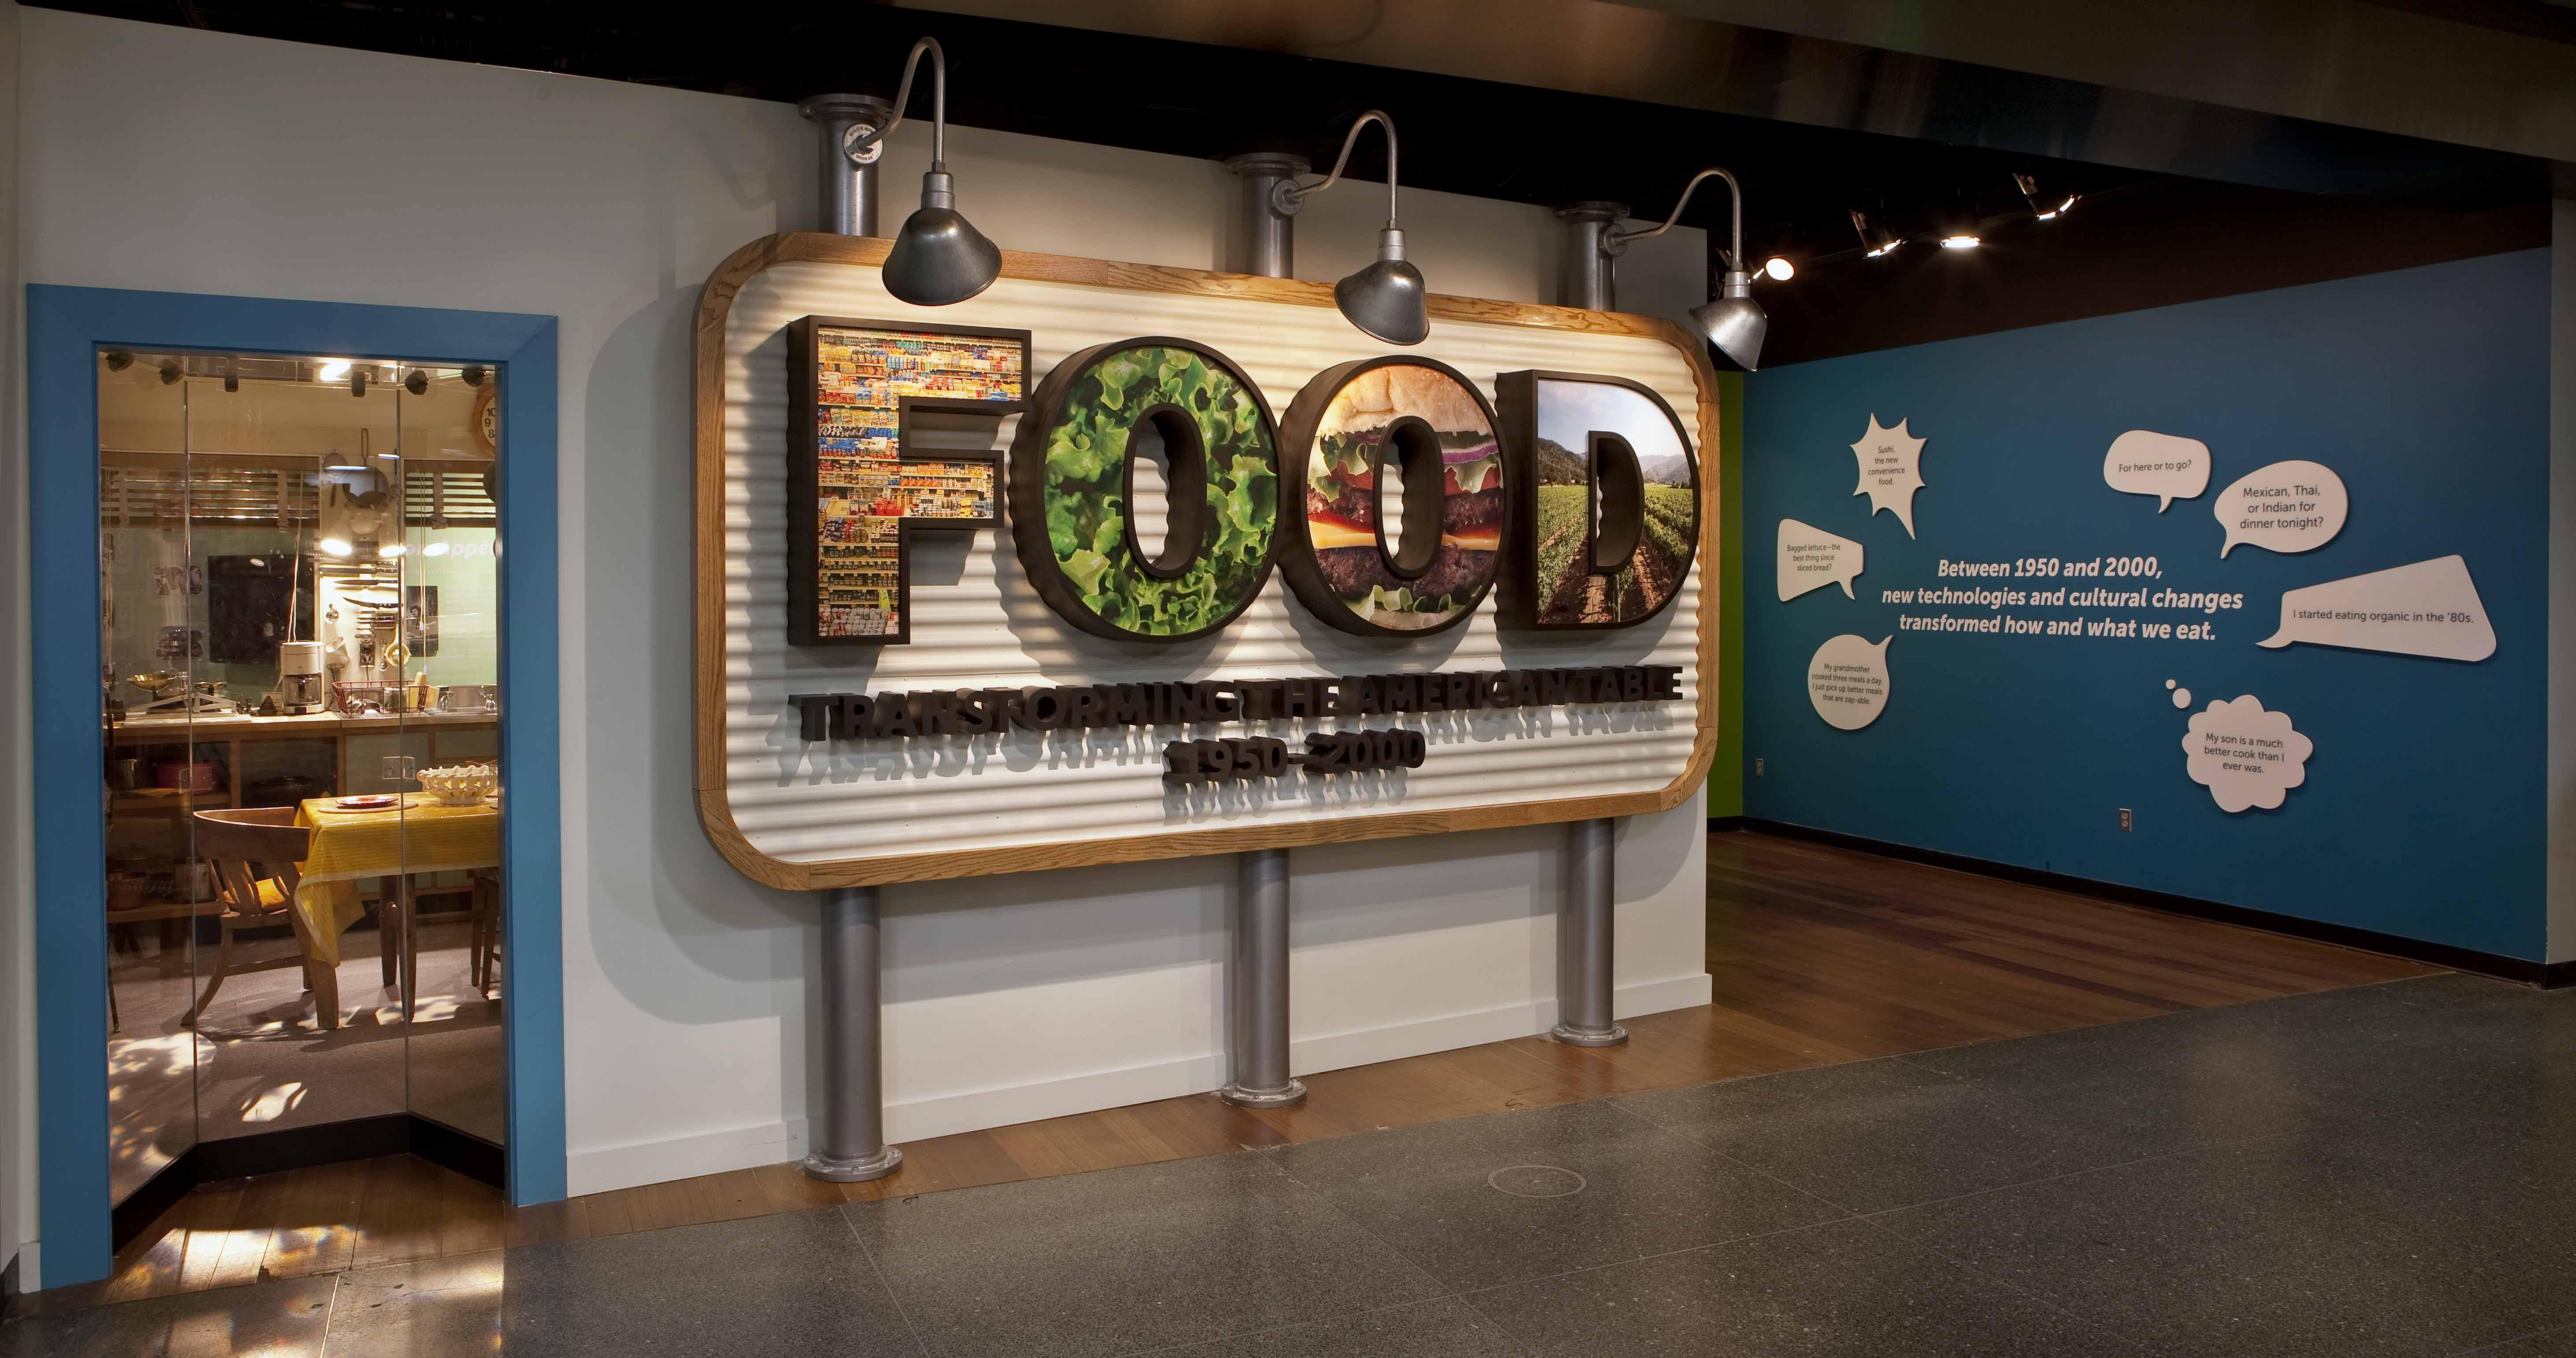 National museum of american history satisfies food history for American cuisine history